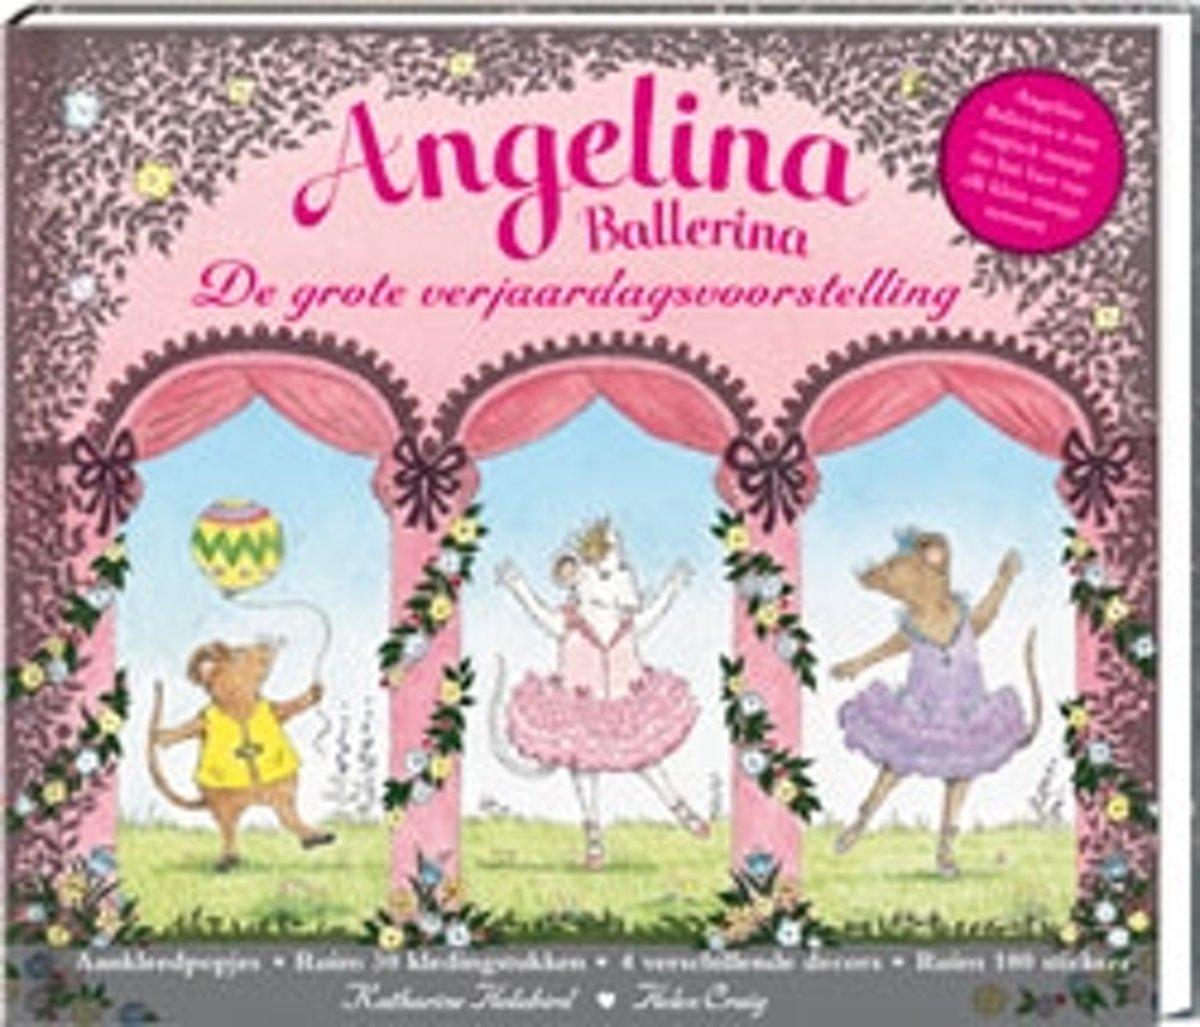 Angelina Ballerina, de grote verjaardagsvoorstelling